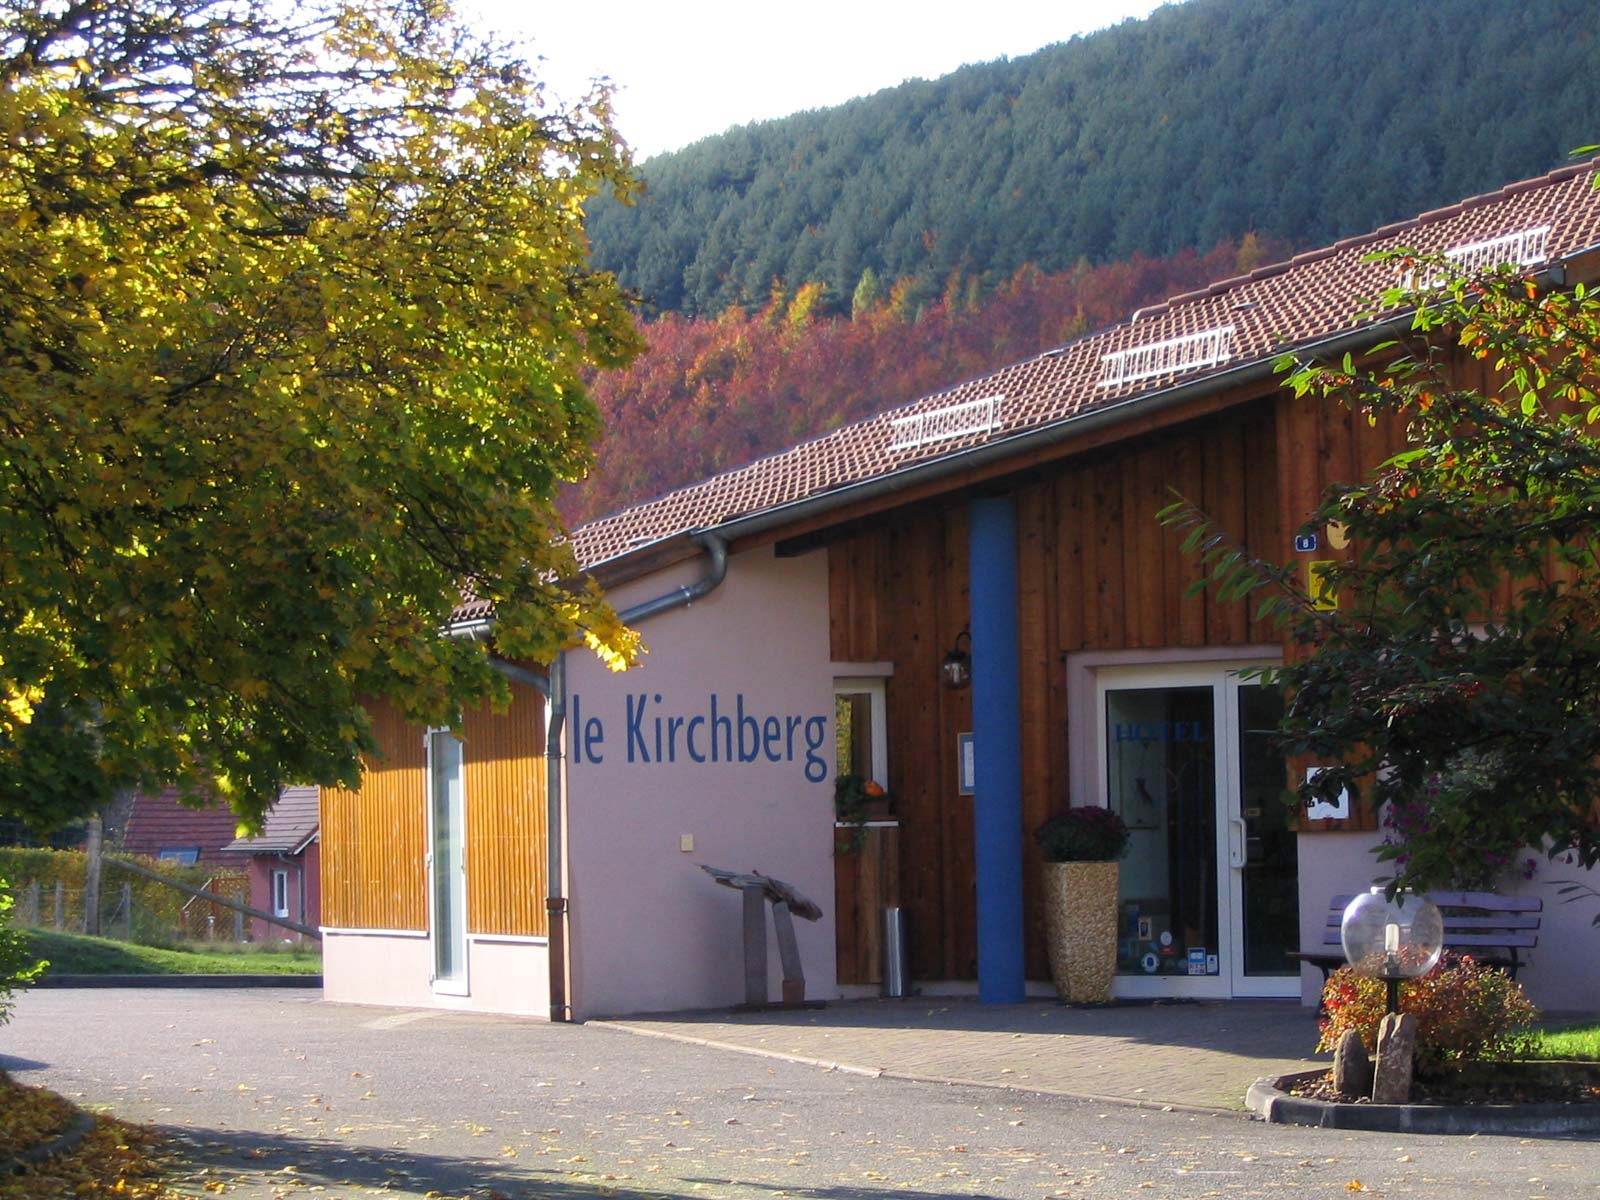 ©Résidence-Hôtel Le Kirchberg